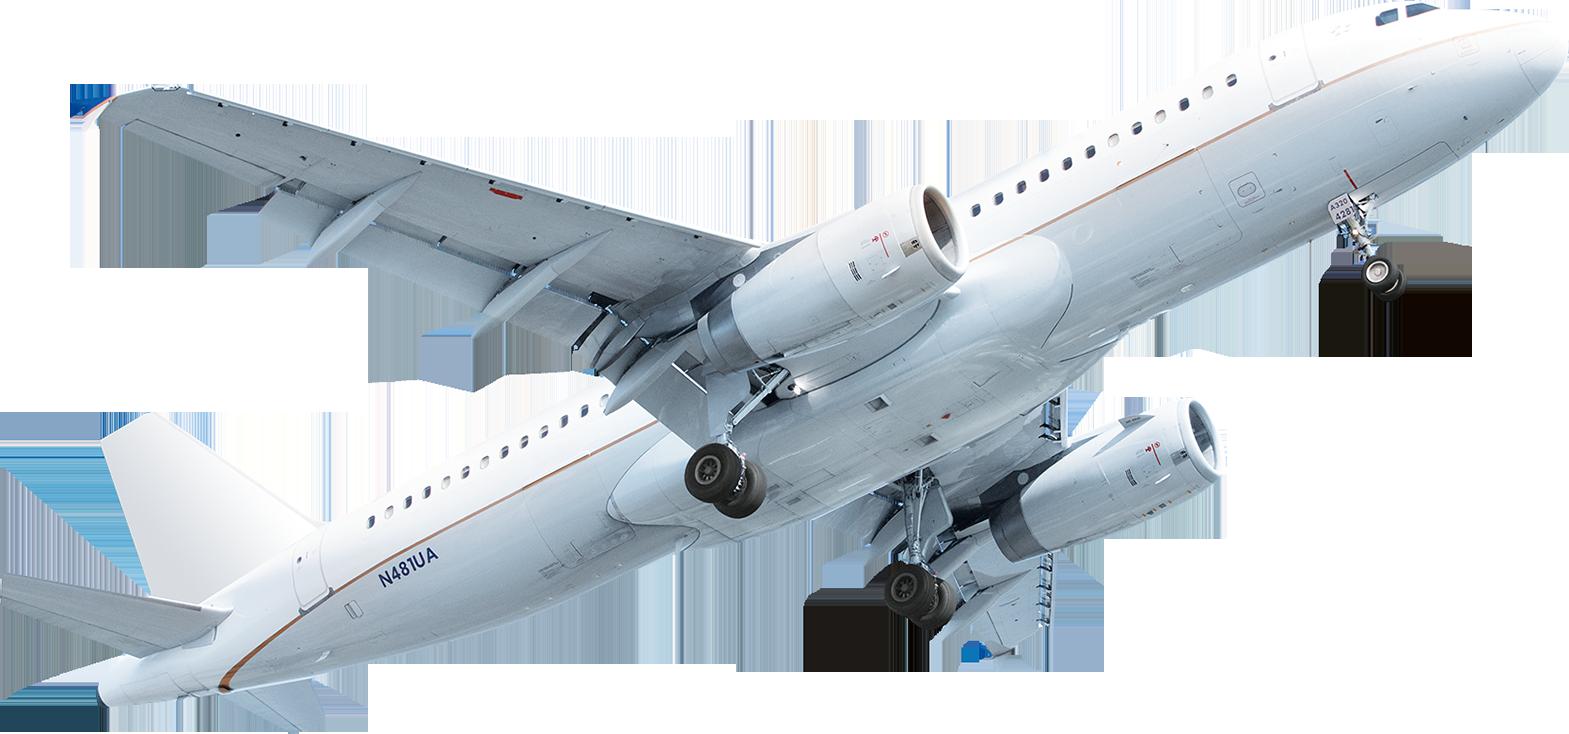 Самолет - техника, самолёт, авиация